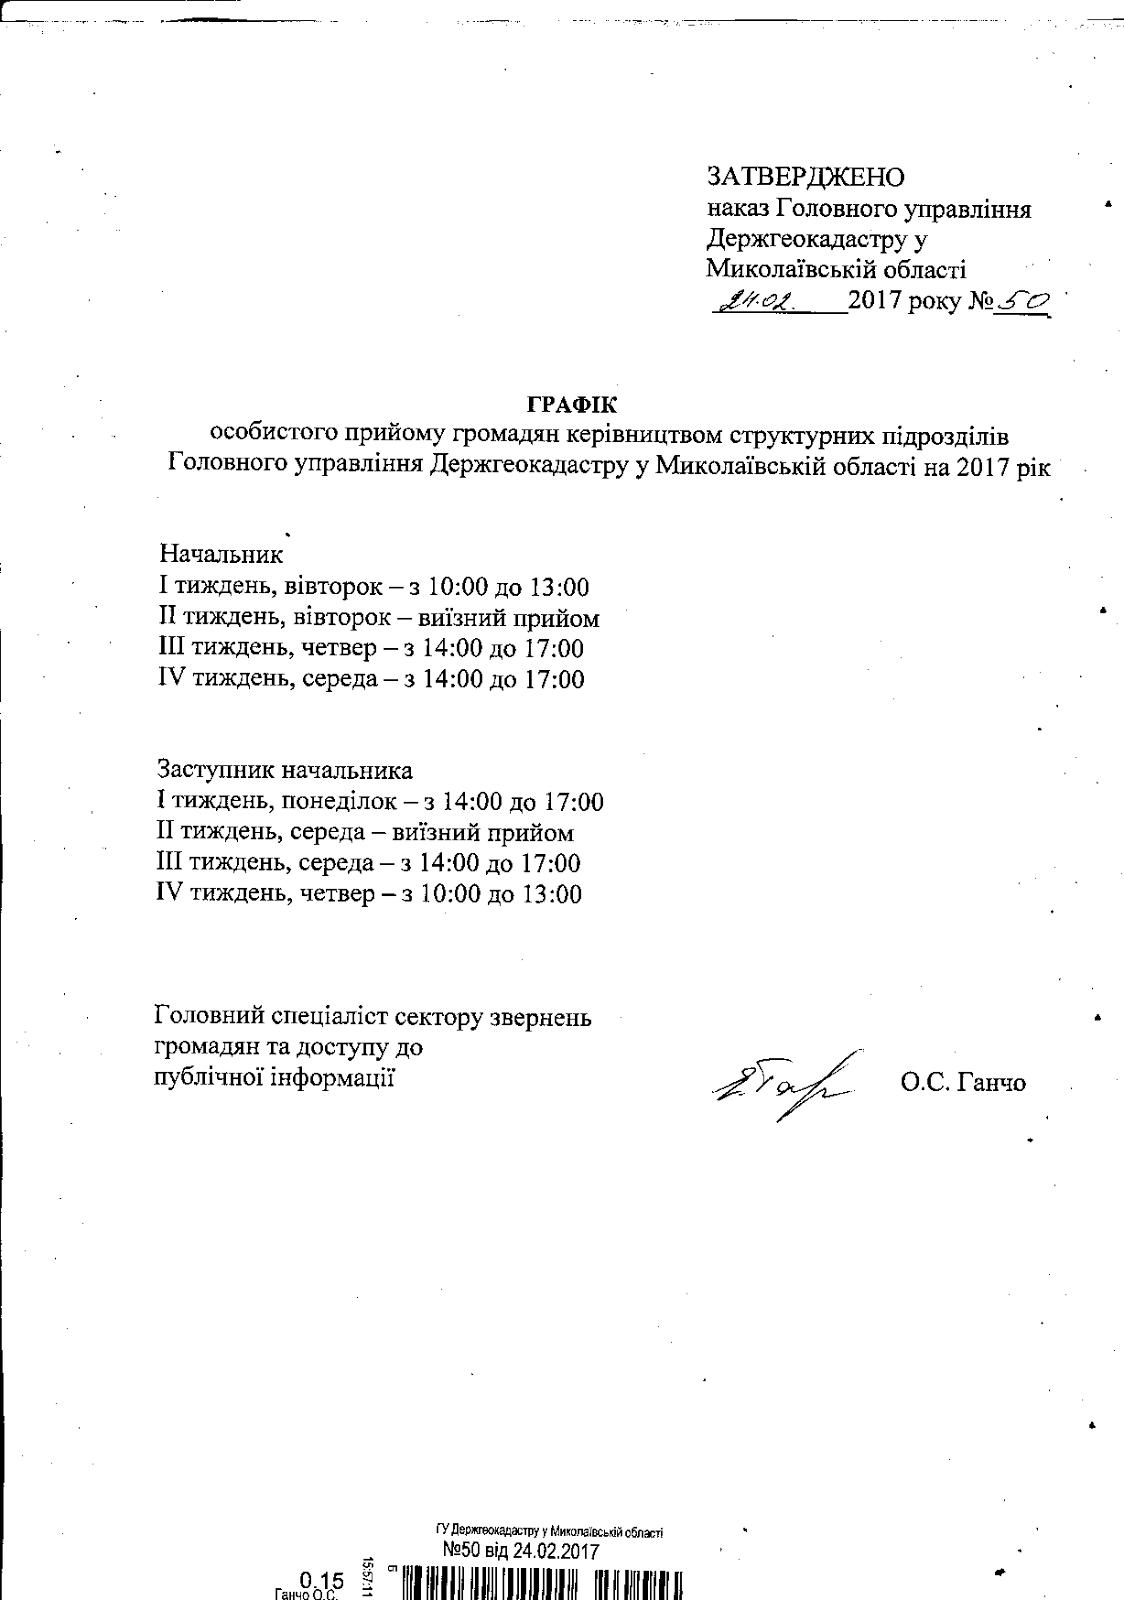 Графік особистого прийому громадян керівництвом структурних підрозділів Головного управління Держгеокадастру у Миколаївській області на 2017 рік